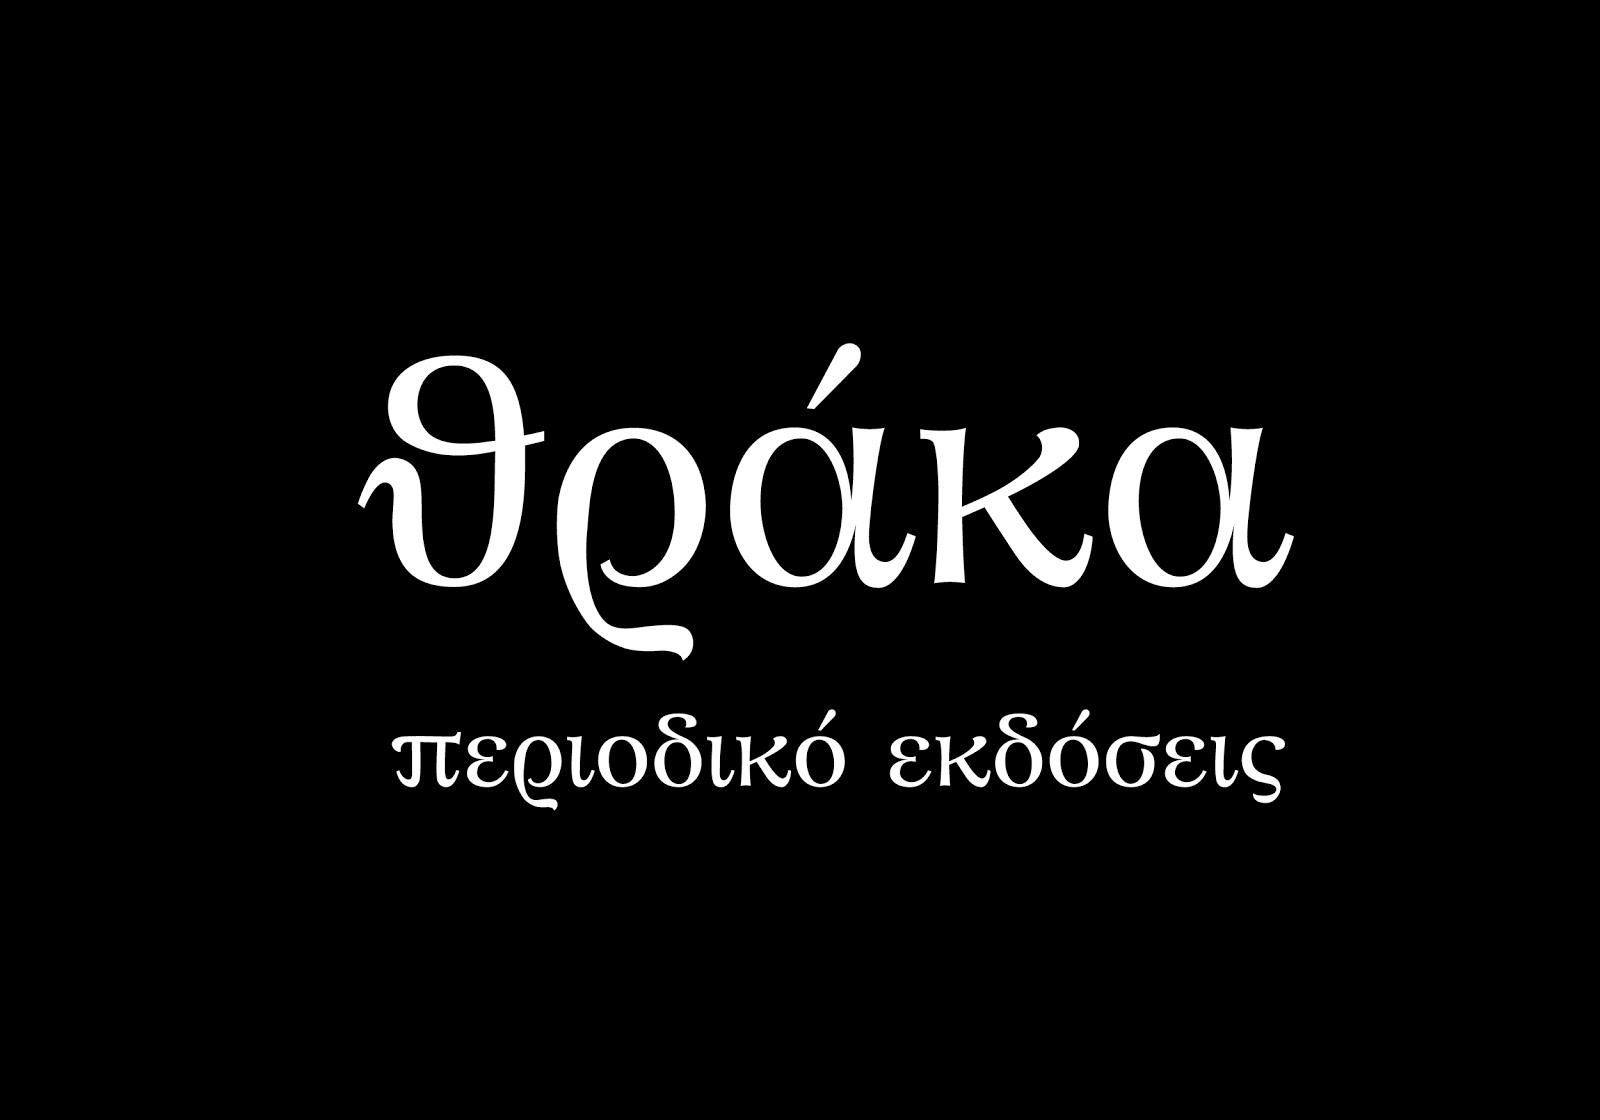 Θράκα Περιοδικό - Εκδόσεις